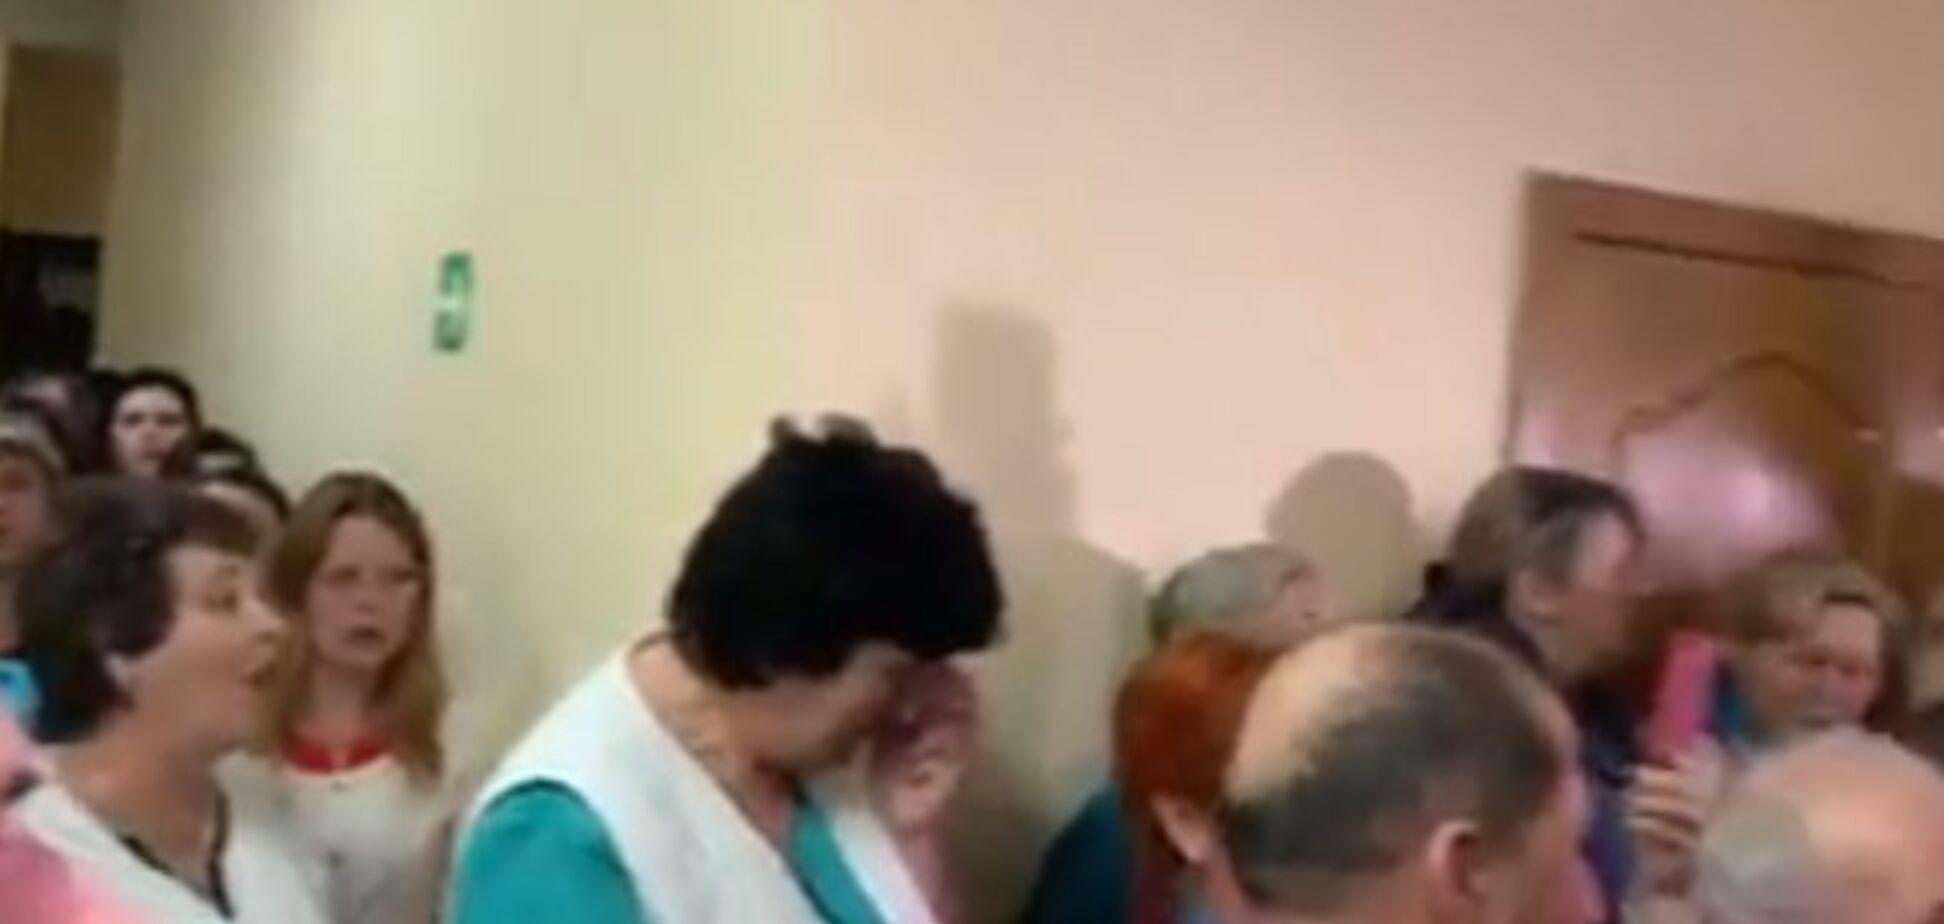 Евакуація з Уханя: на Львівщині зраділи, що до них не привезуть українців із Китаю, і заспівали гімн. Відео